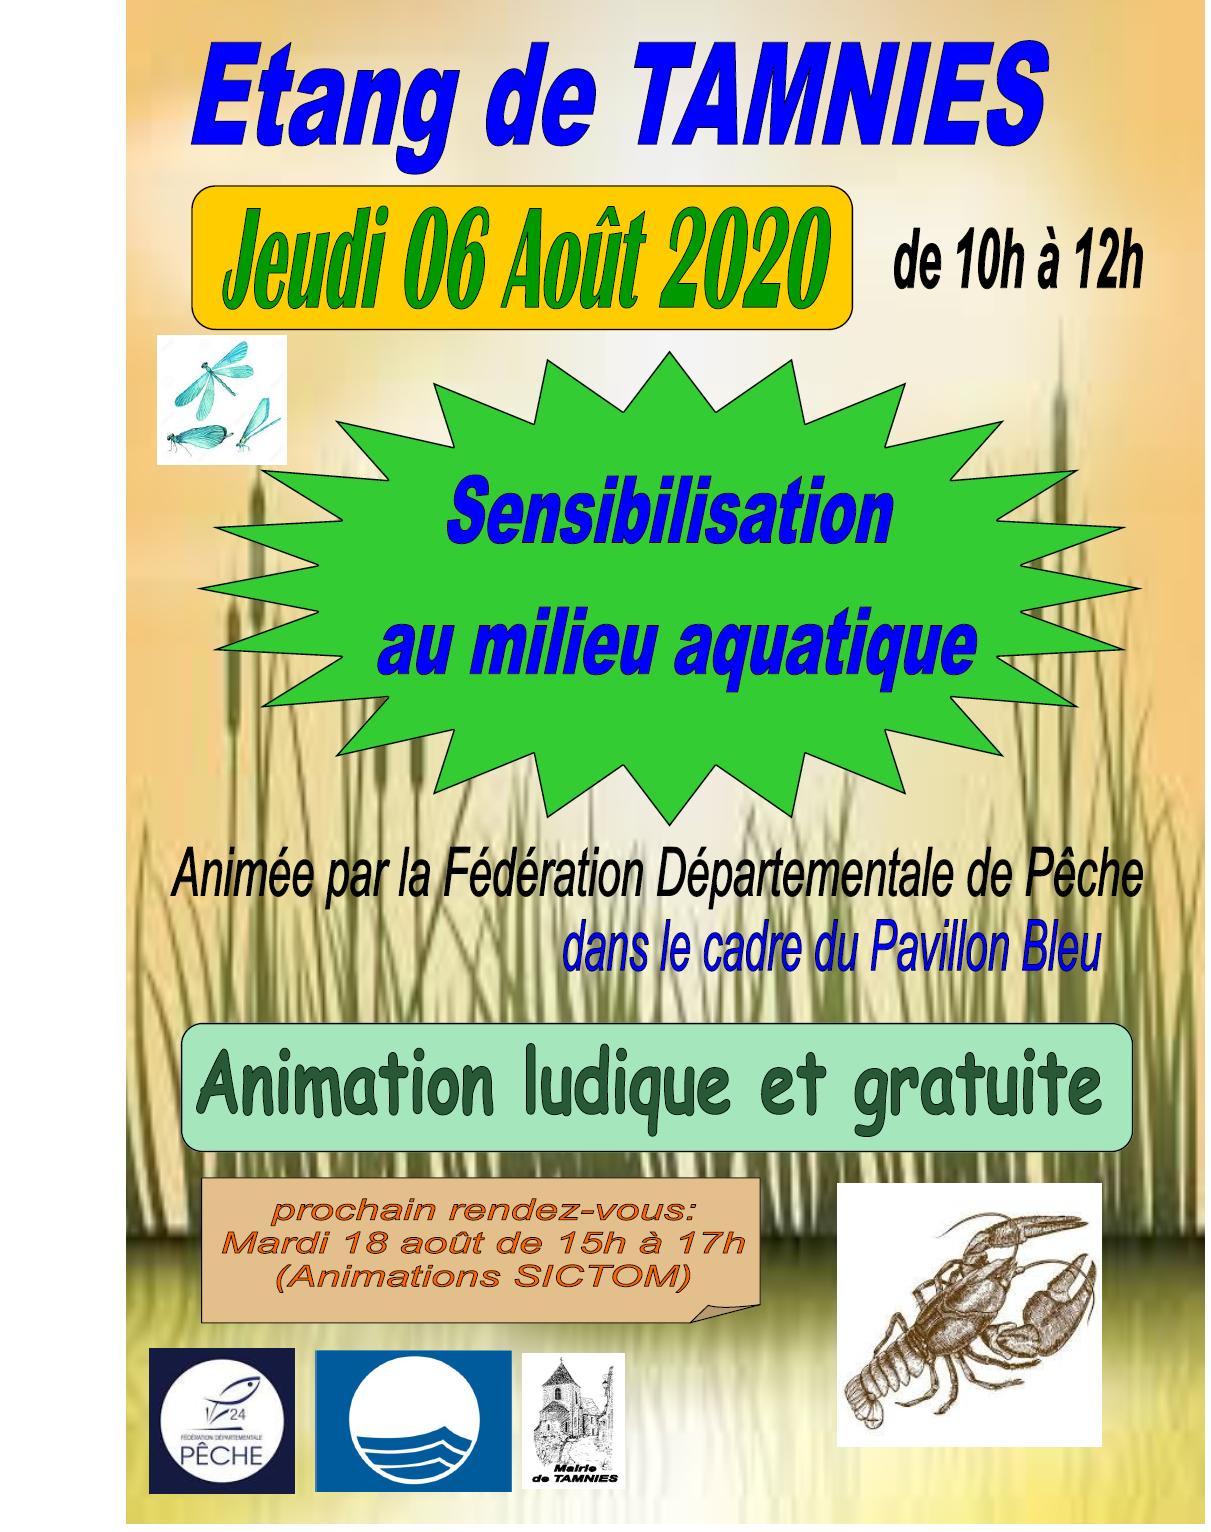 animation peche étang 6 août 2020